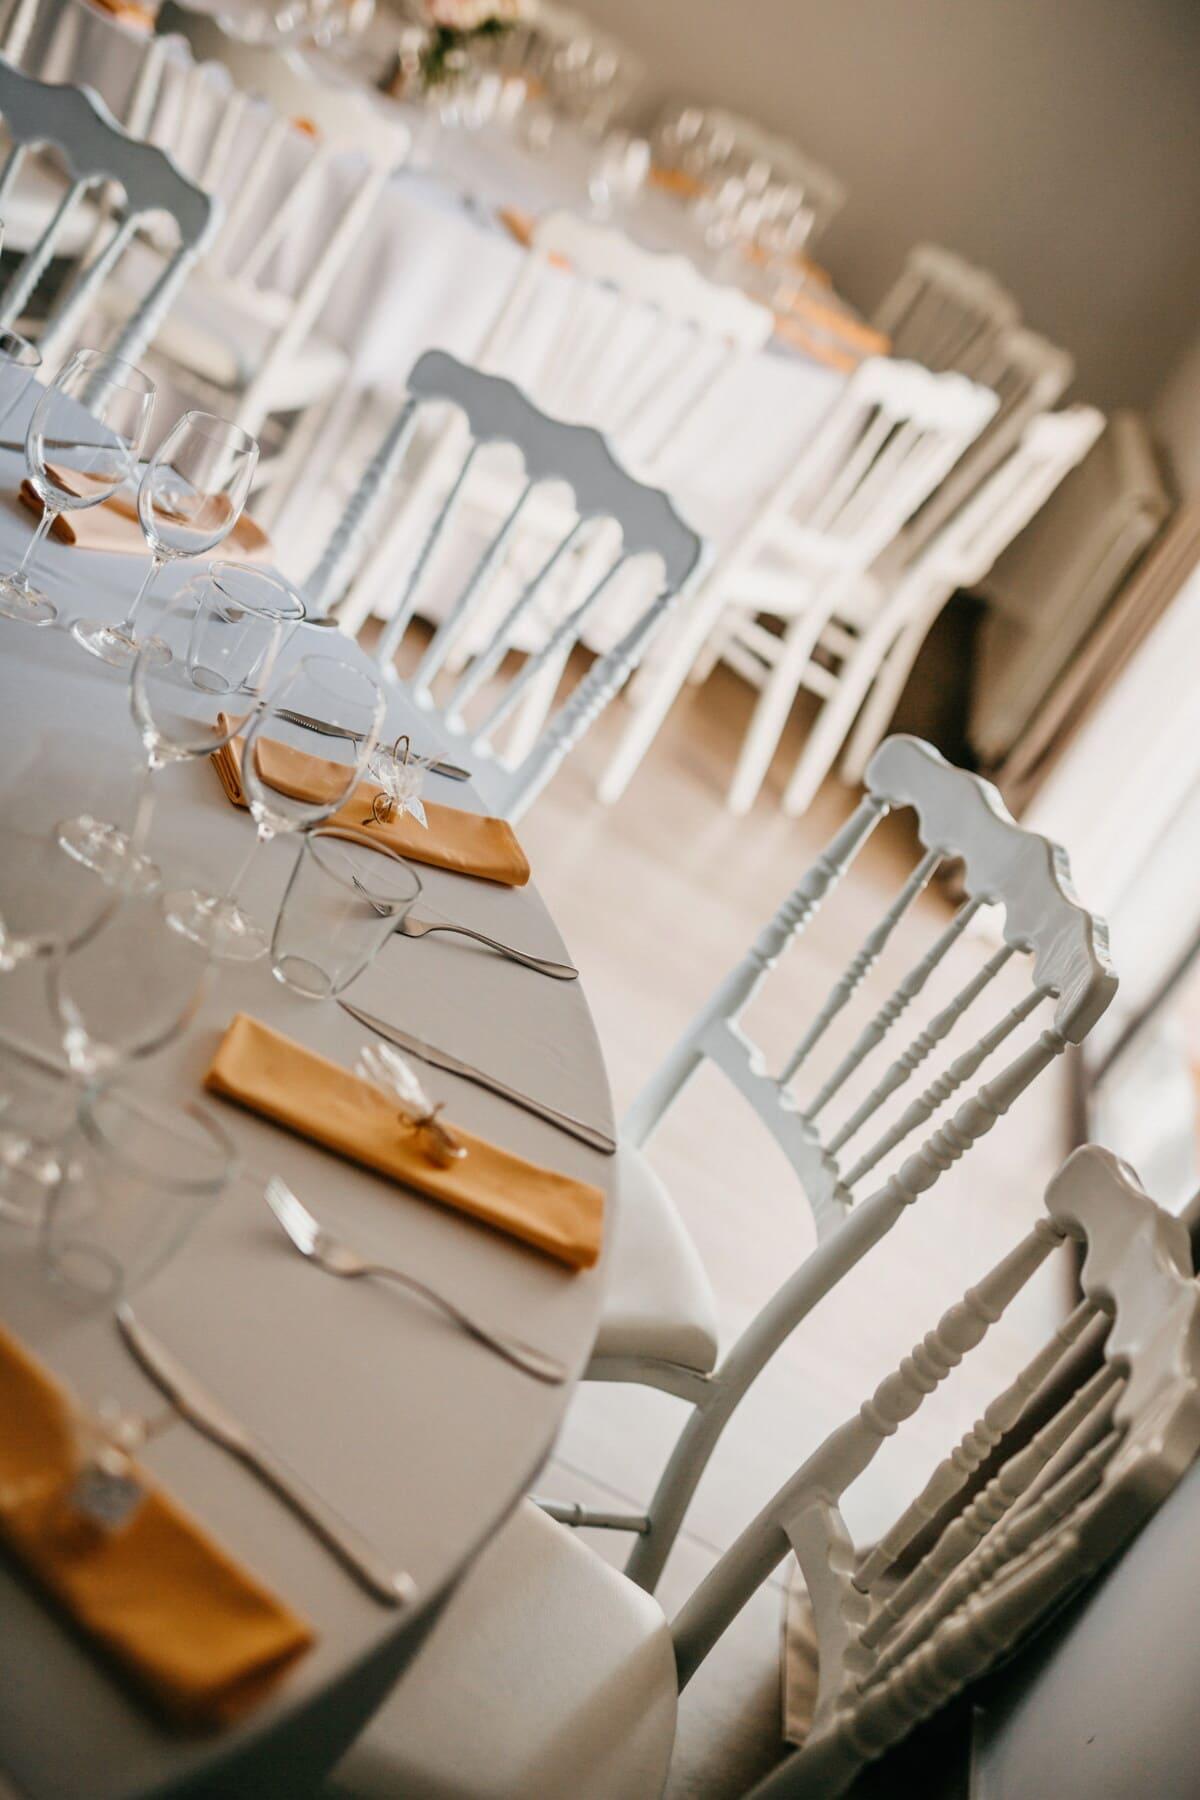 weiß, Geschirr, Tischdecke, Stühle, Tische, Eleganz, Kantine, Besteck, drinnen, Hochzeit